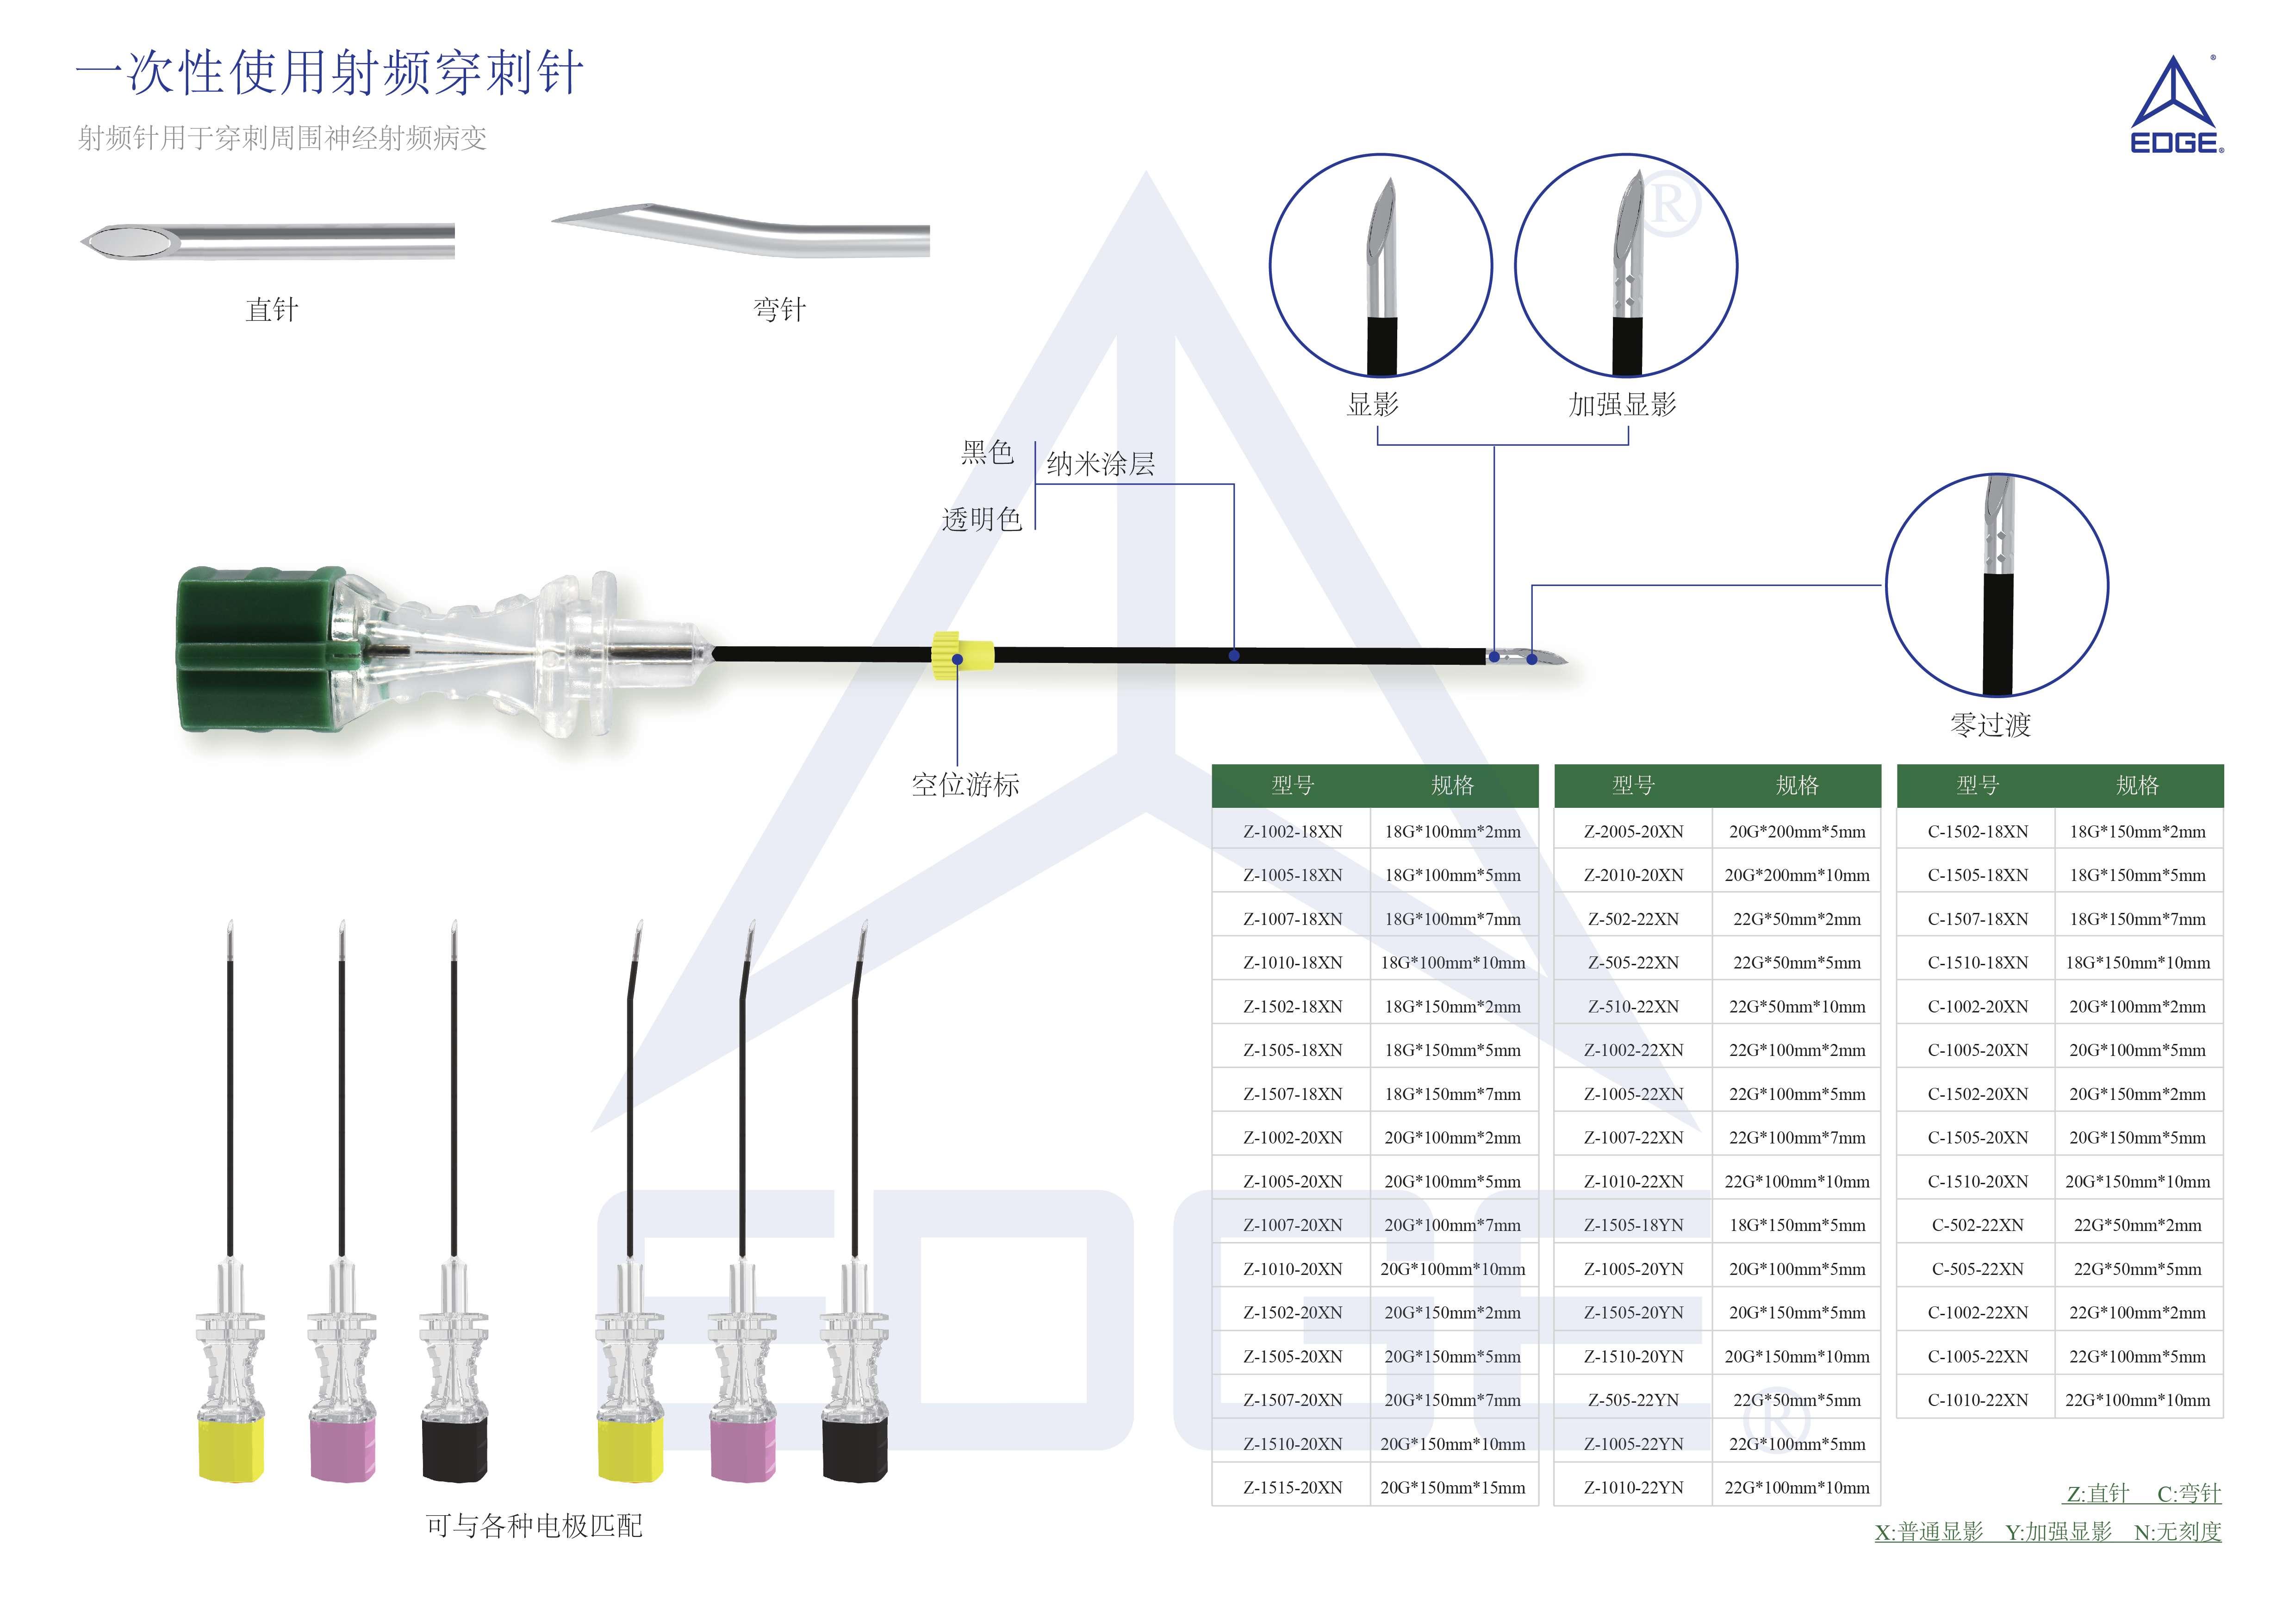 一次性使用射頻穿刺針-01.jpg